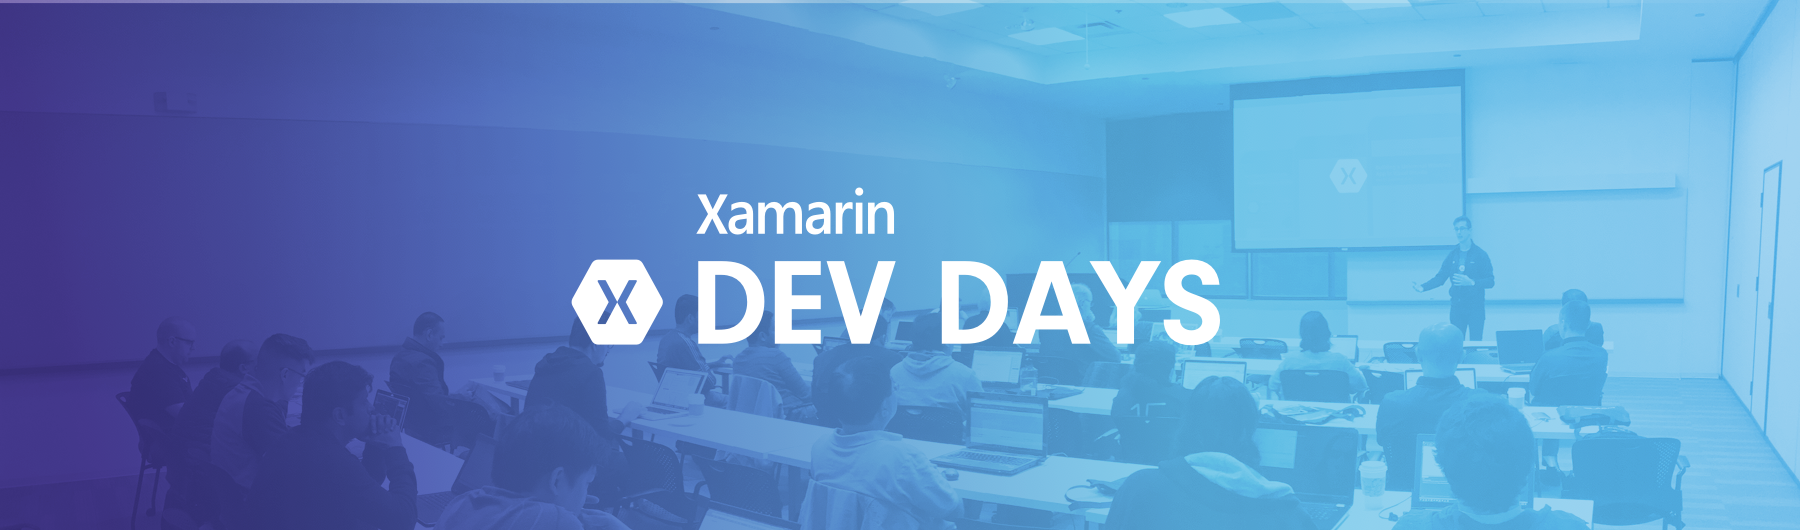 Xamarin Dev Days - Torino